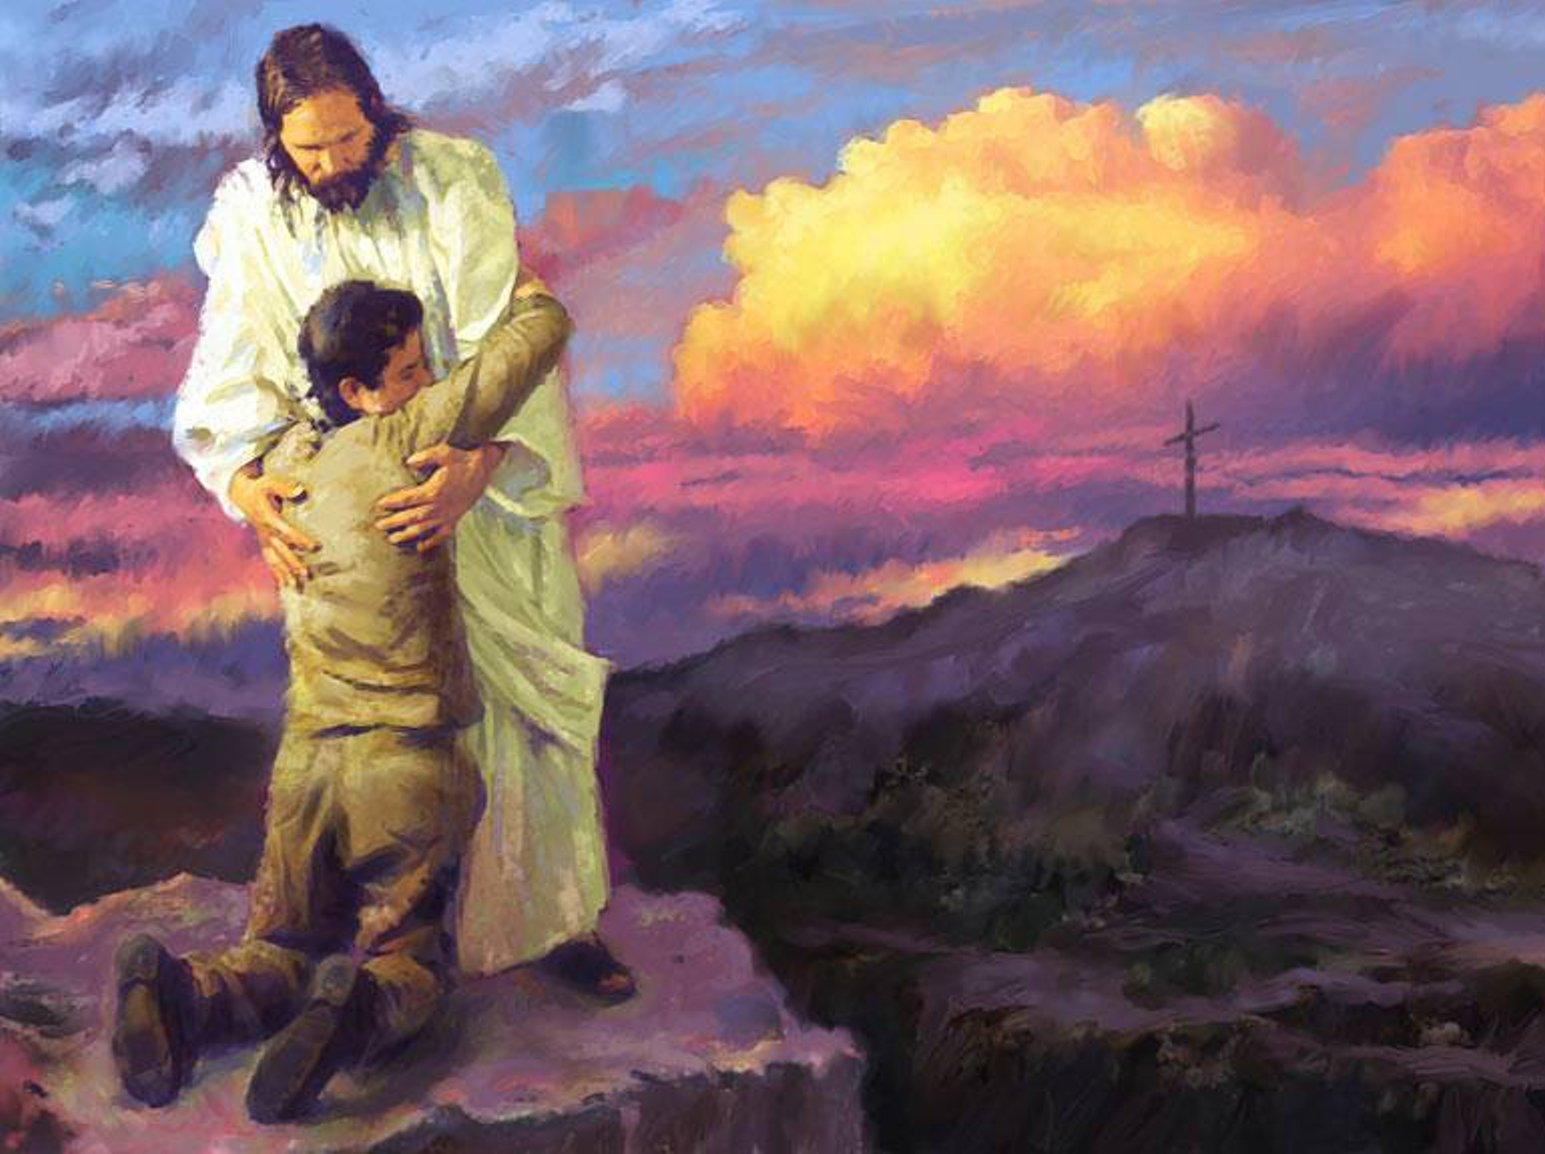 придушення бог любит всех людей картинки поиск